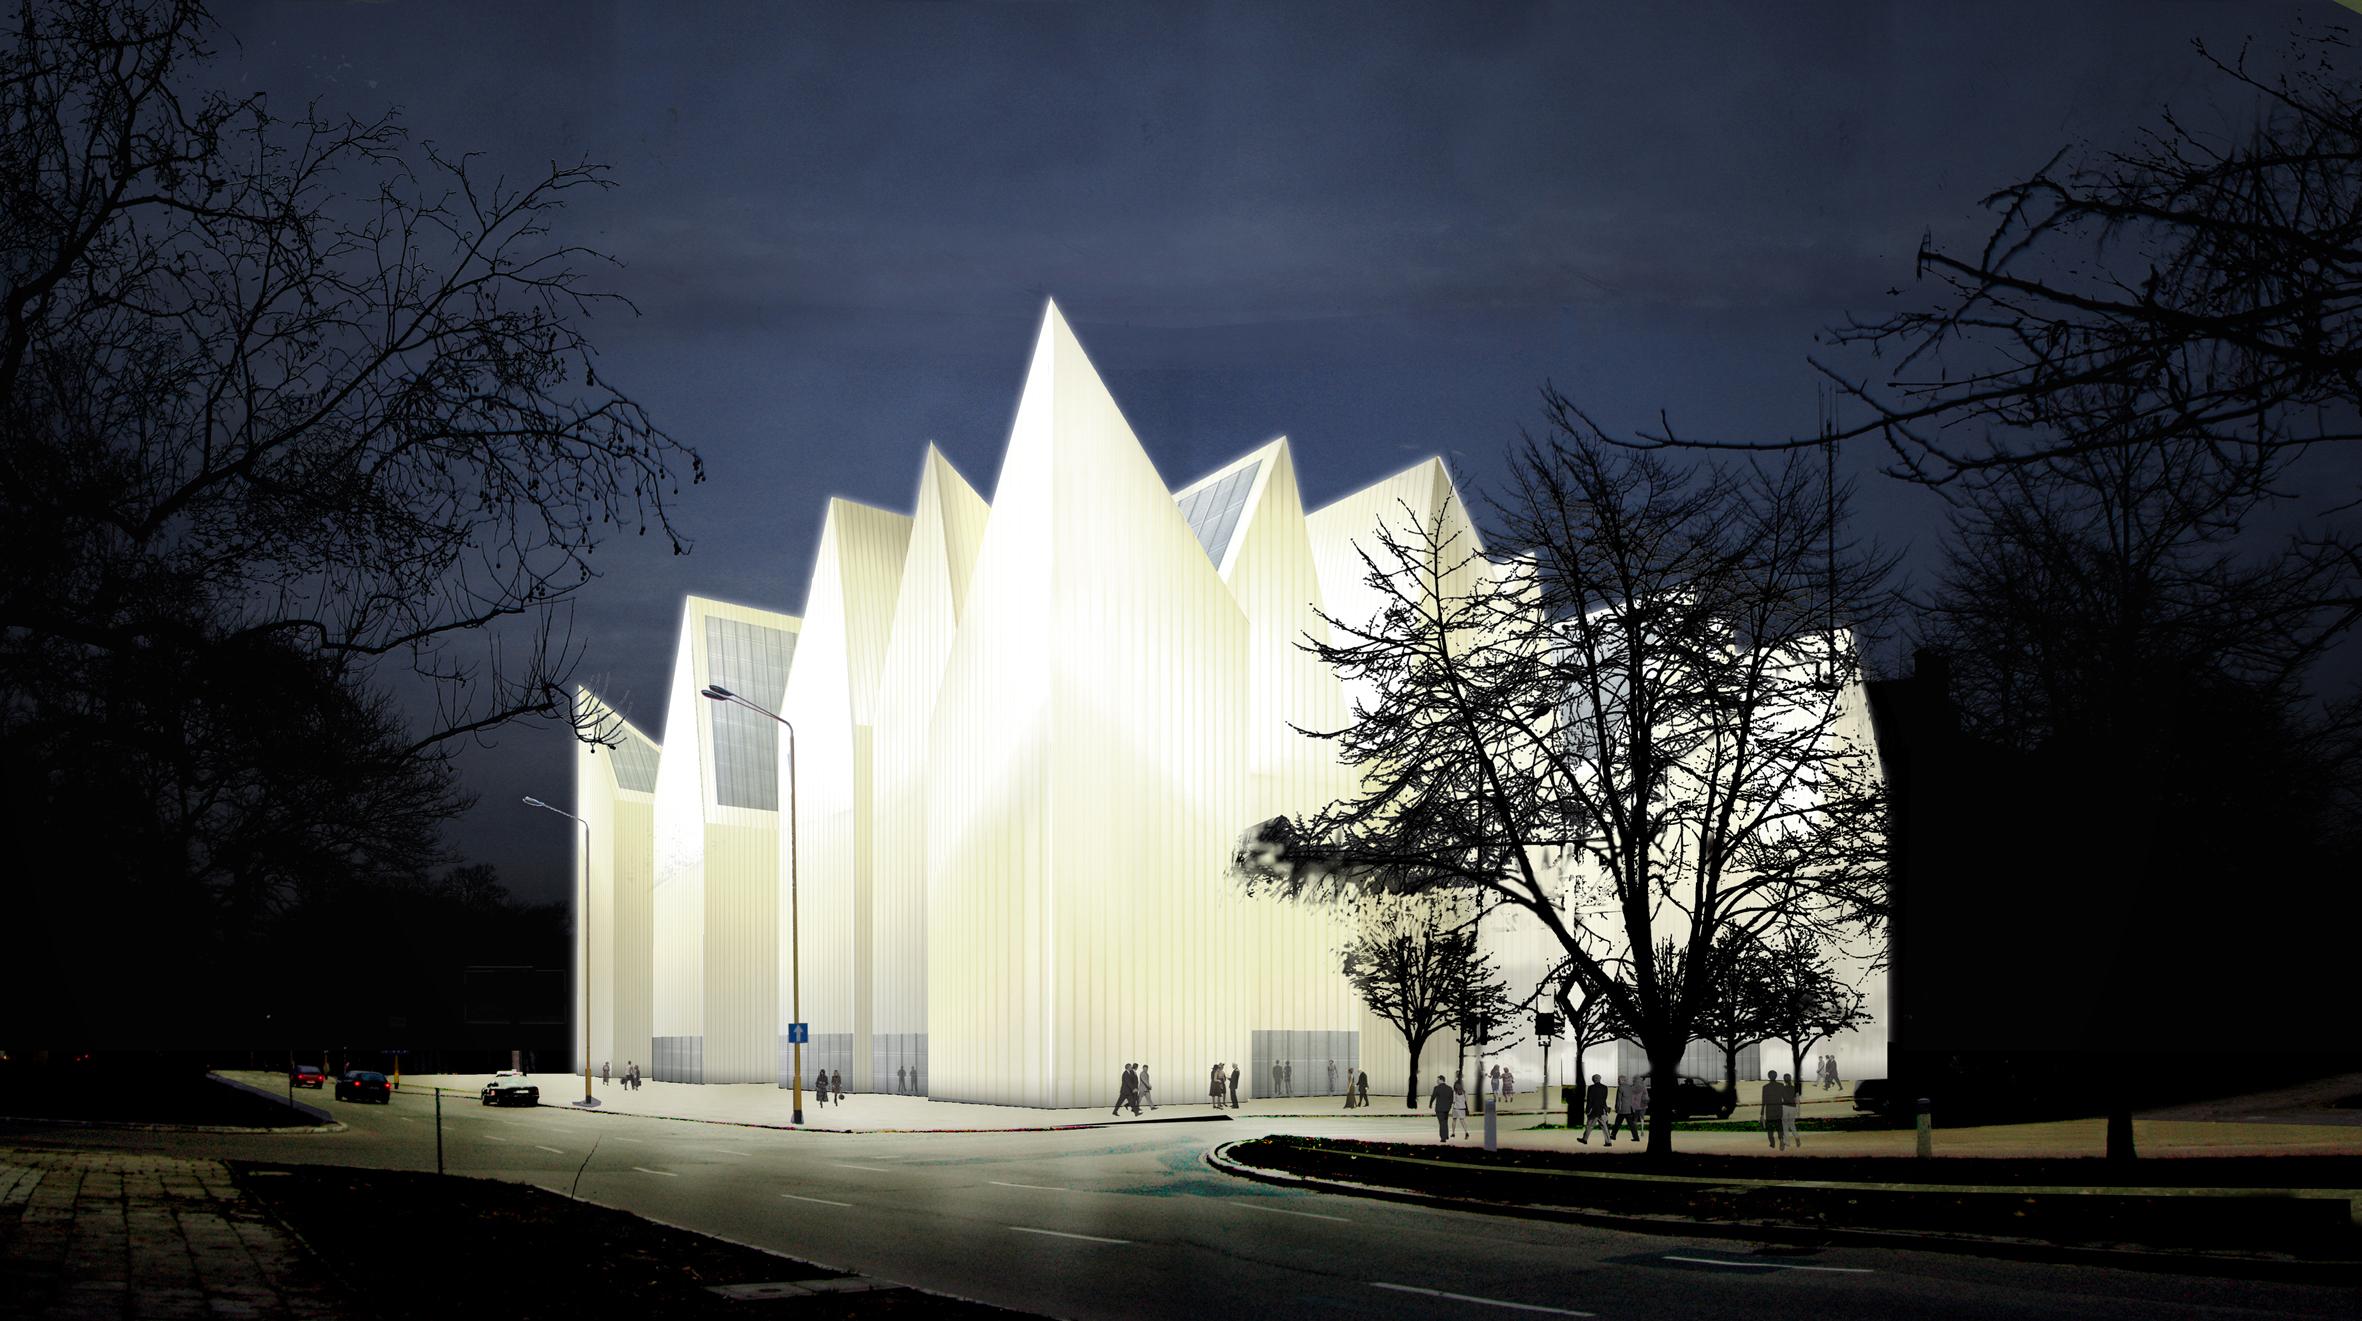 Zobacz jak się prezentuje Nowa Filharmonia, w Szczecinie!